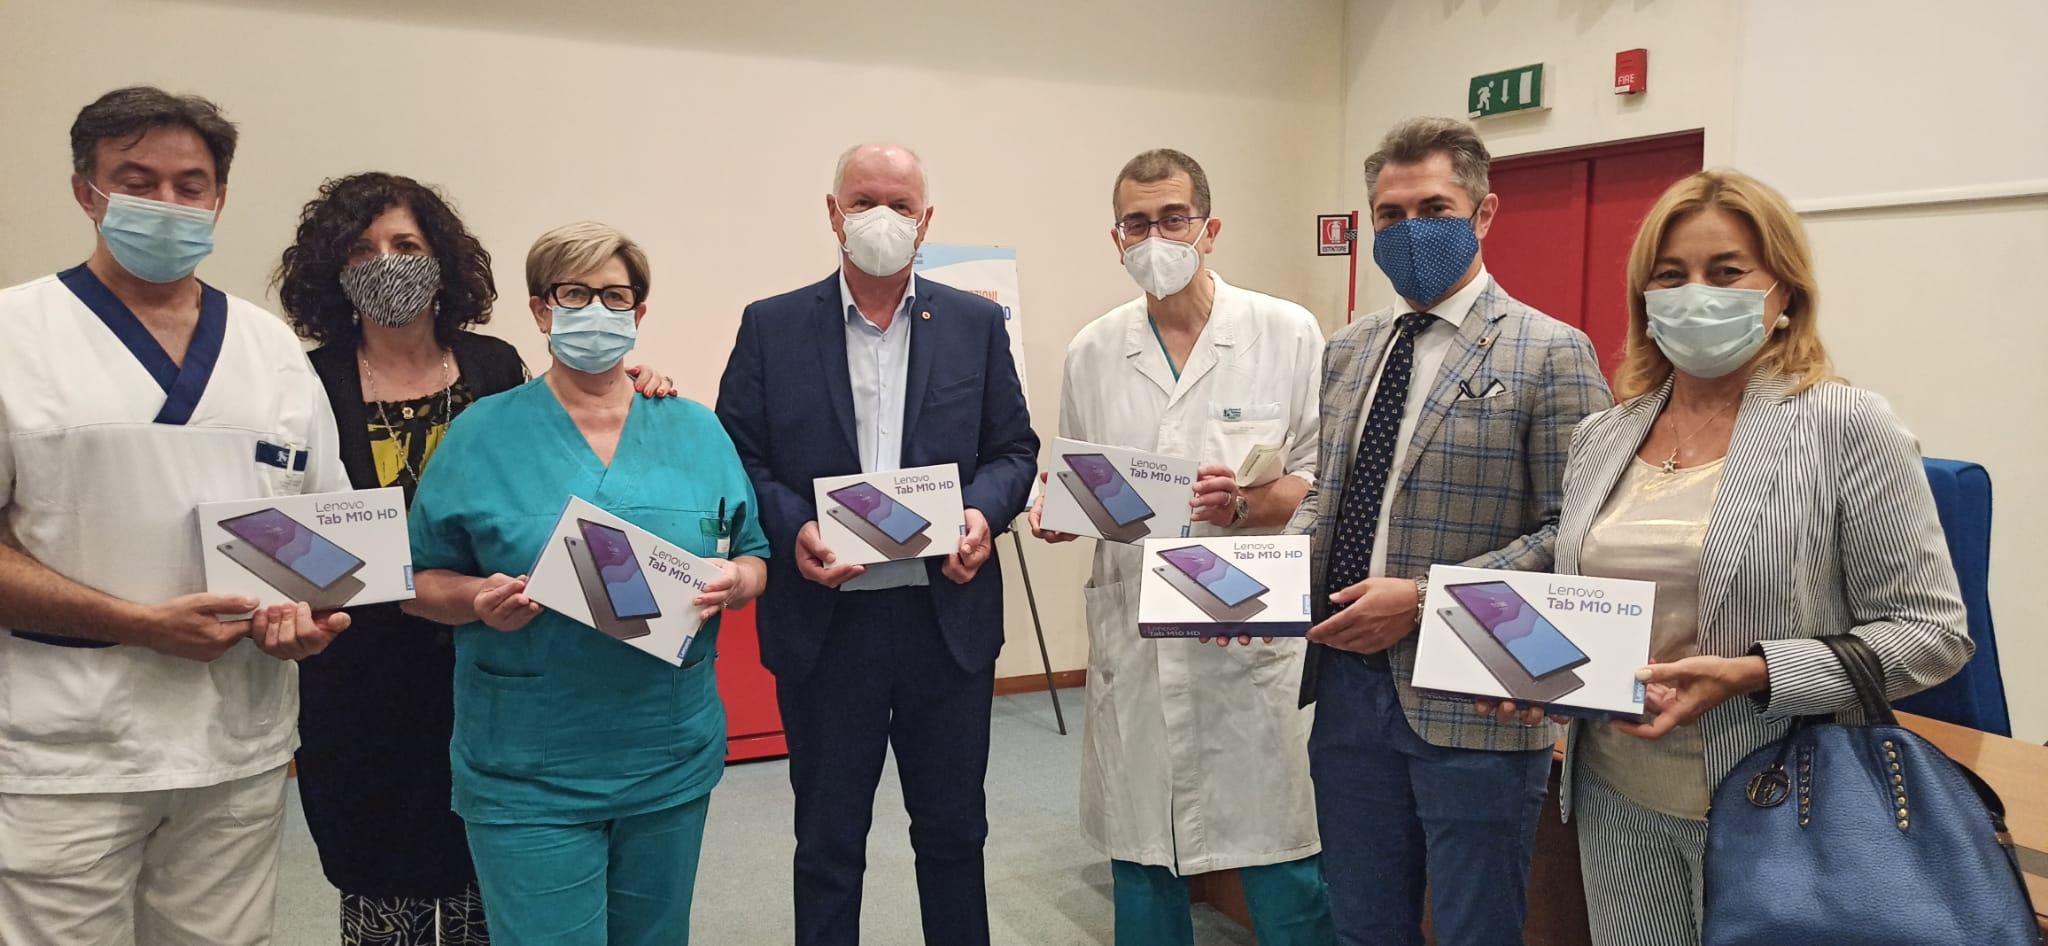 Il Lions Club di Avezzano, con il sostegno della Fondazione Carispaq, dona un Biofrigorifero all'ospedale